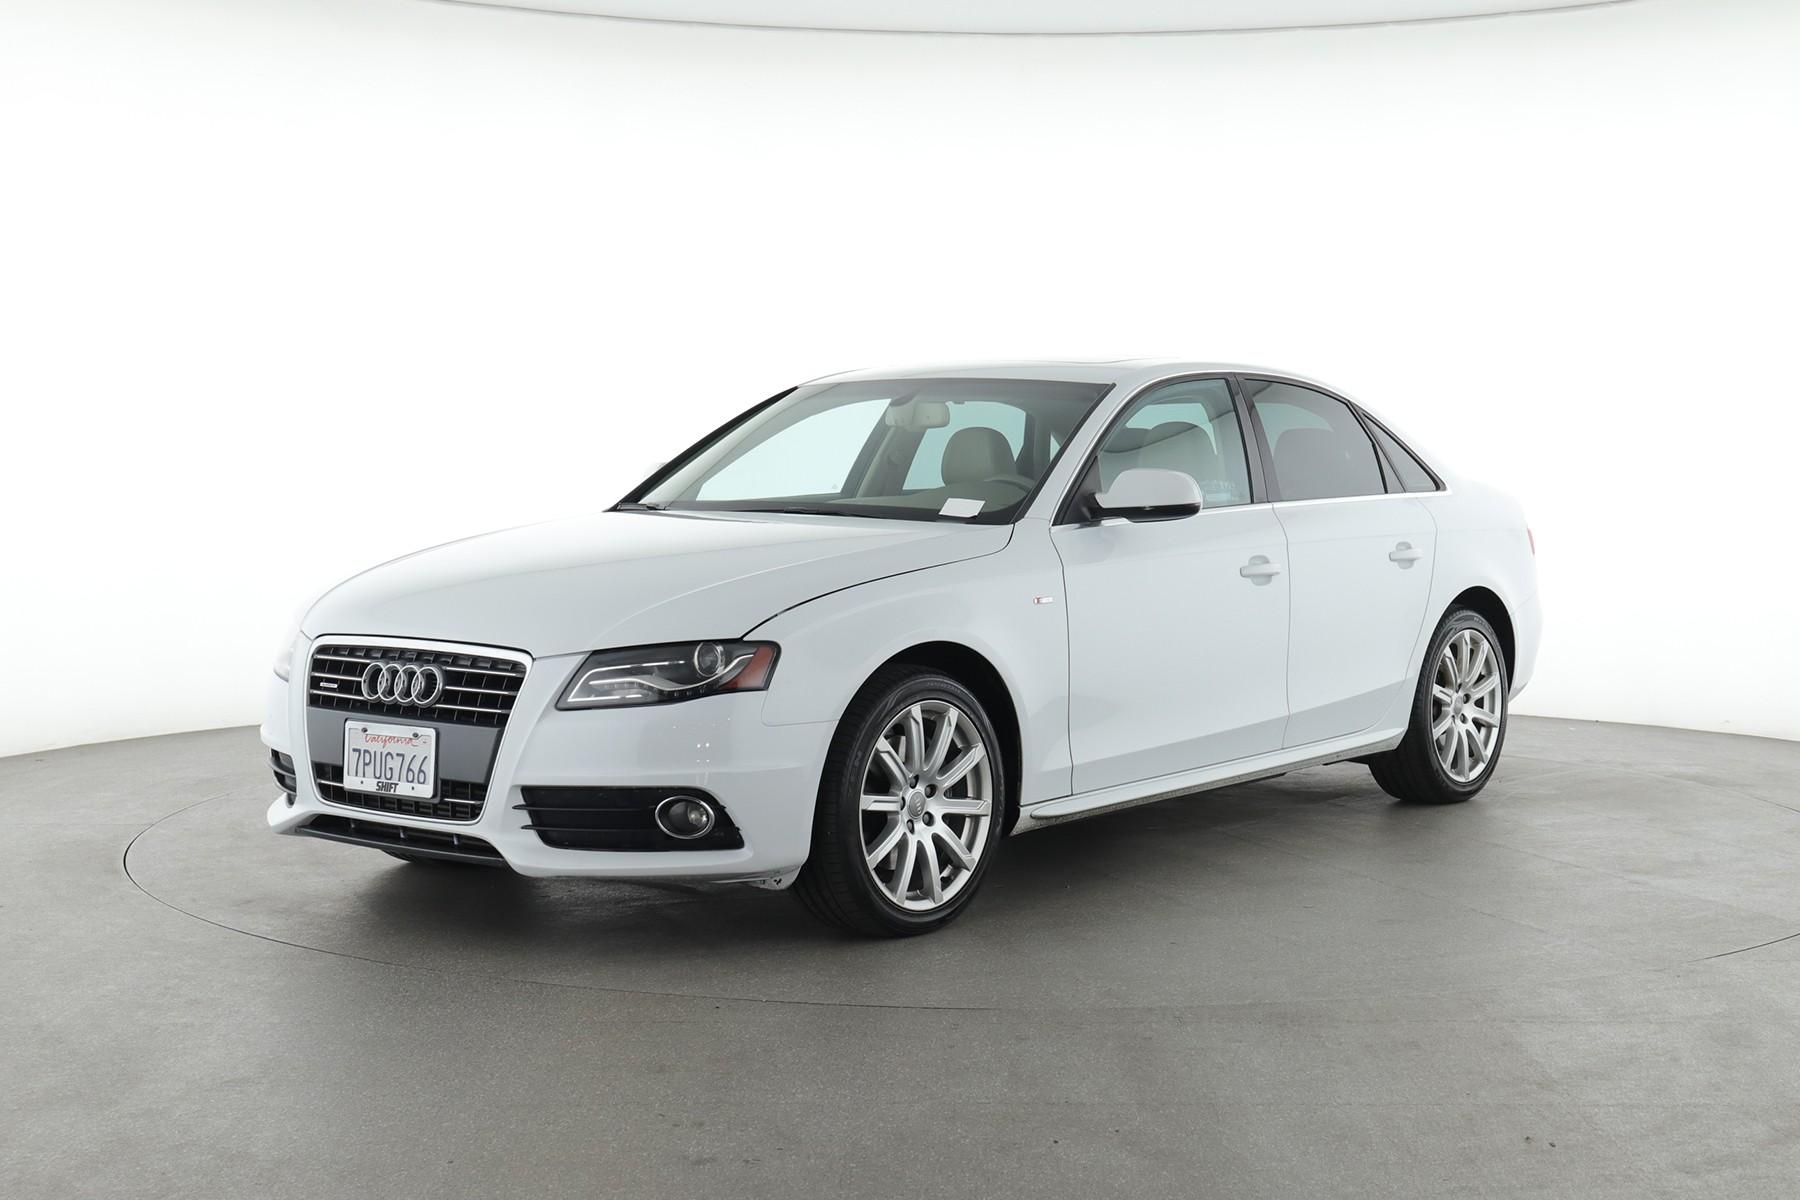 2012 Audi A4 Premium Plus (from $12,950)